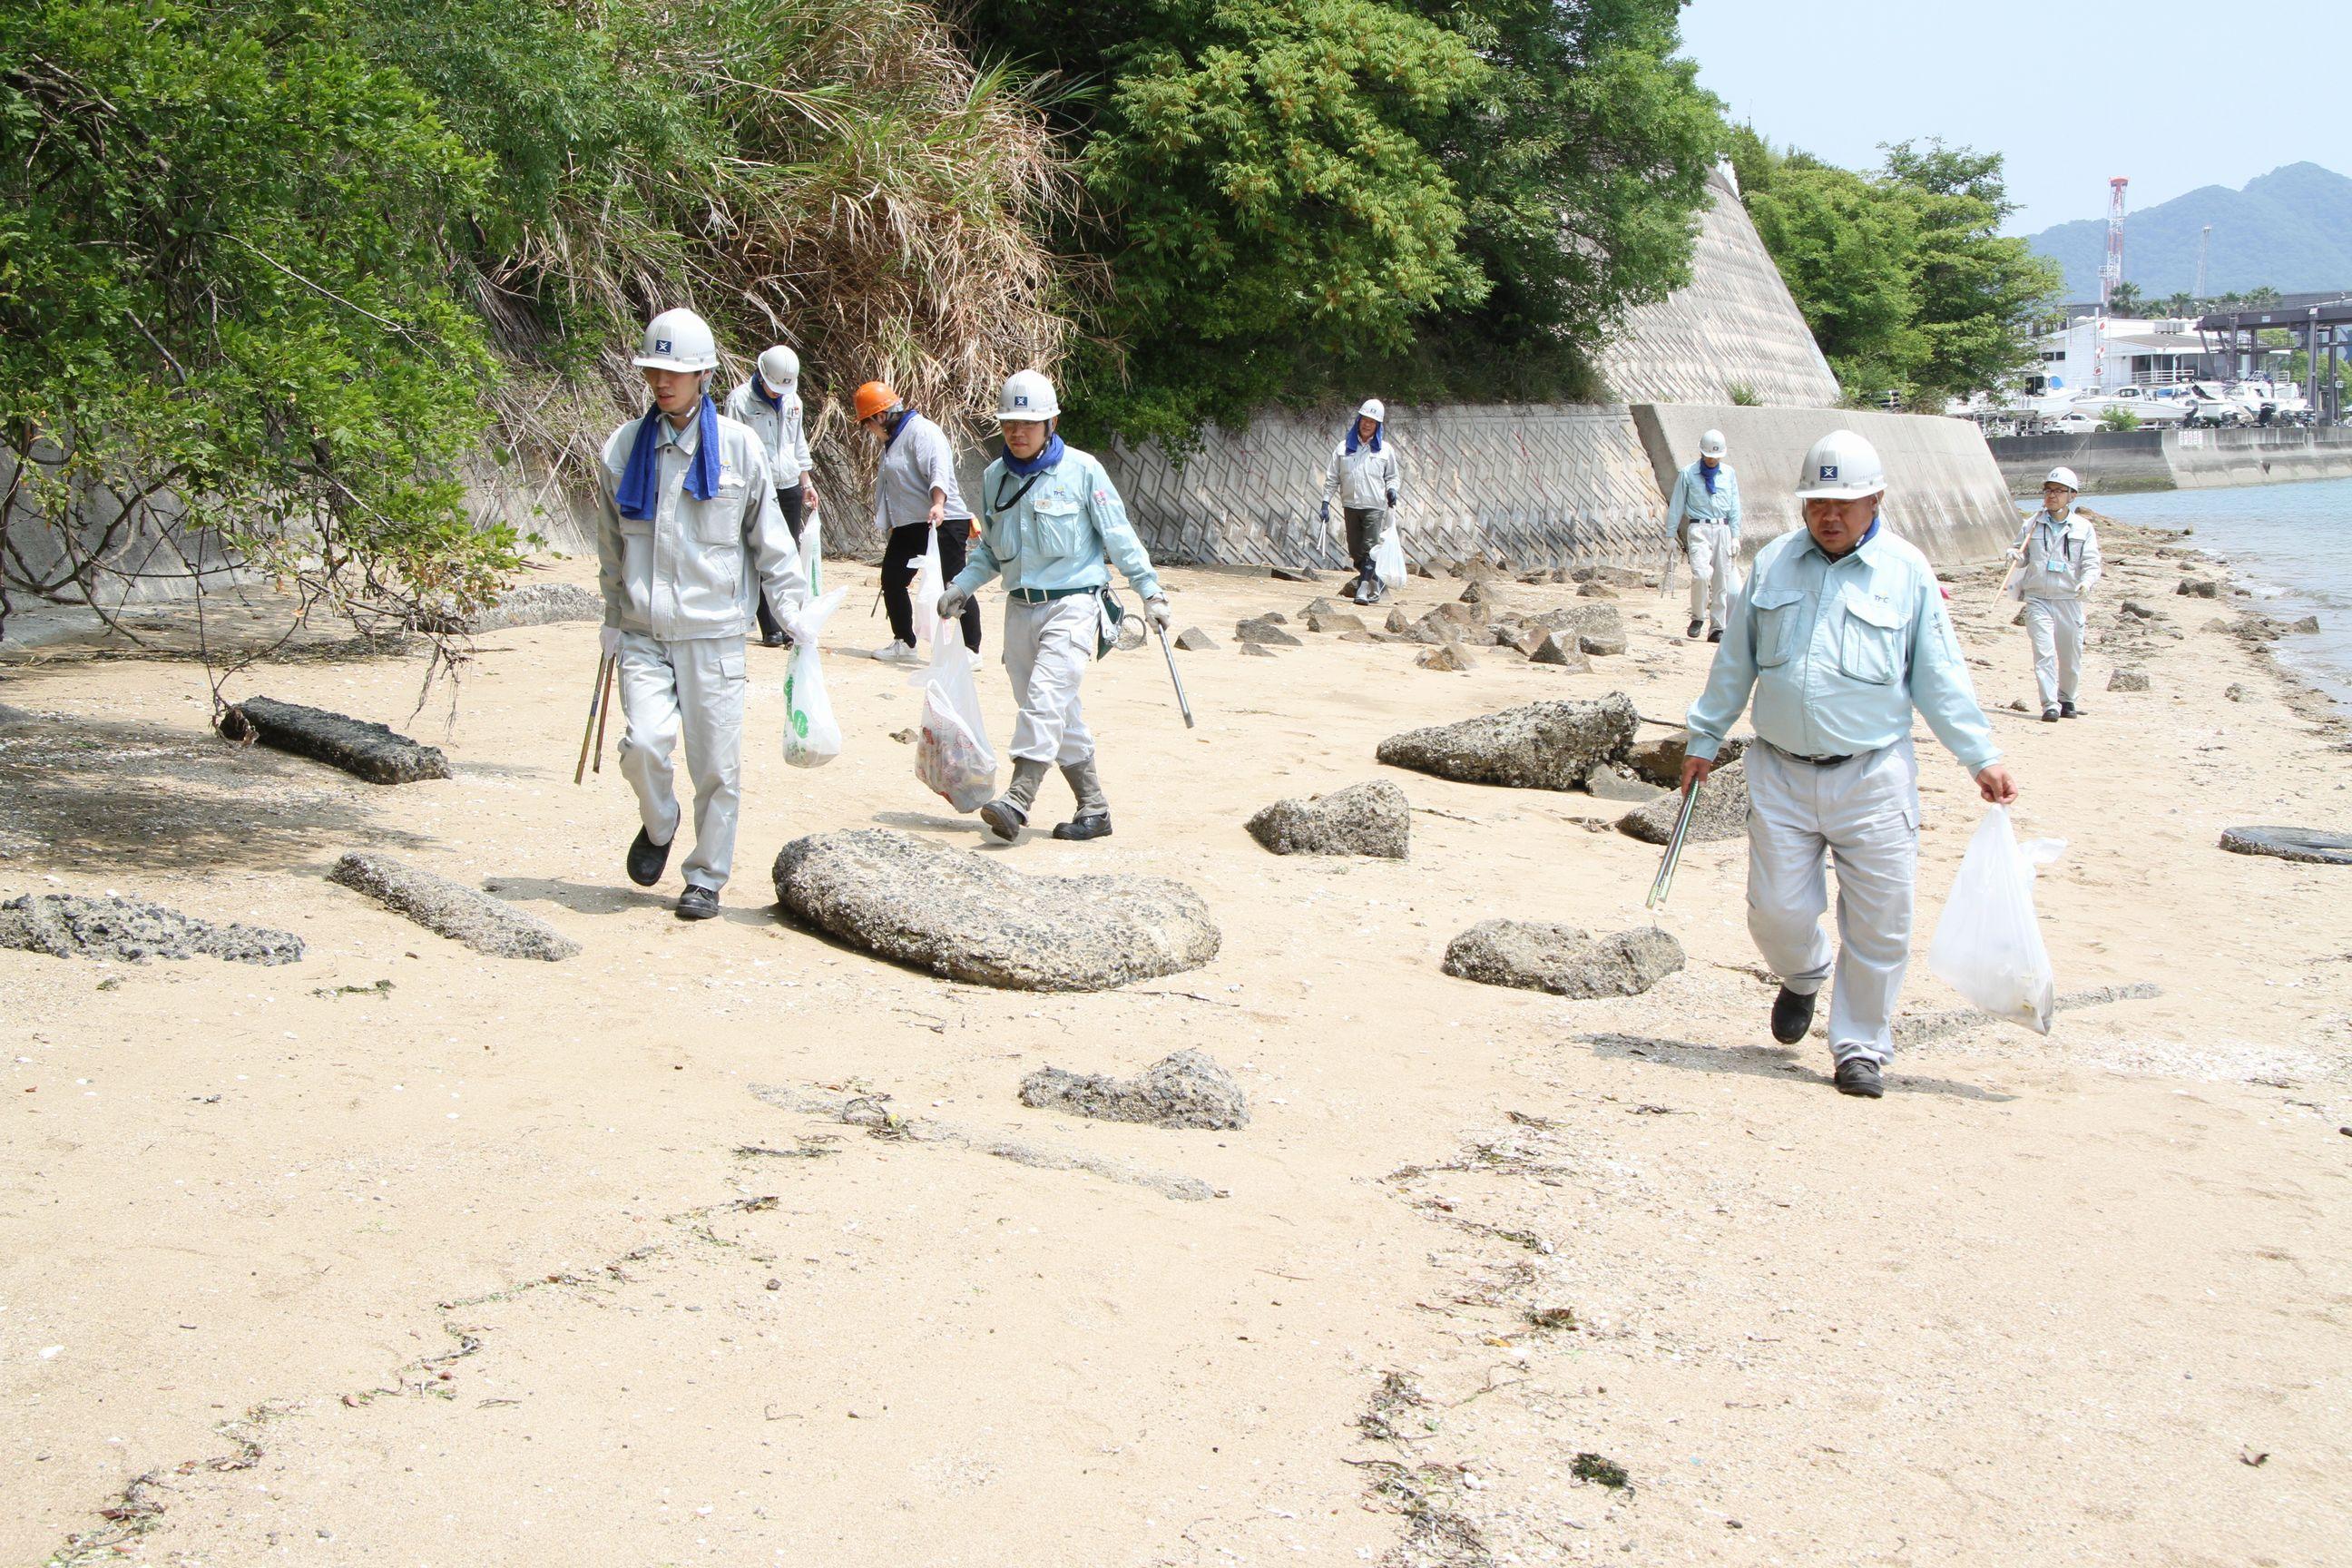 ツネイシクラフト&ファシリティーズ 「海ごみゼロウィーク」にあわせ浦崎海岸の清掃活動を実施